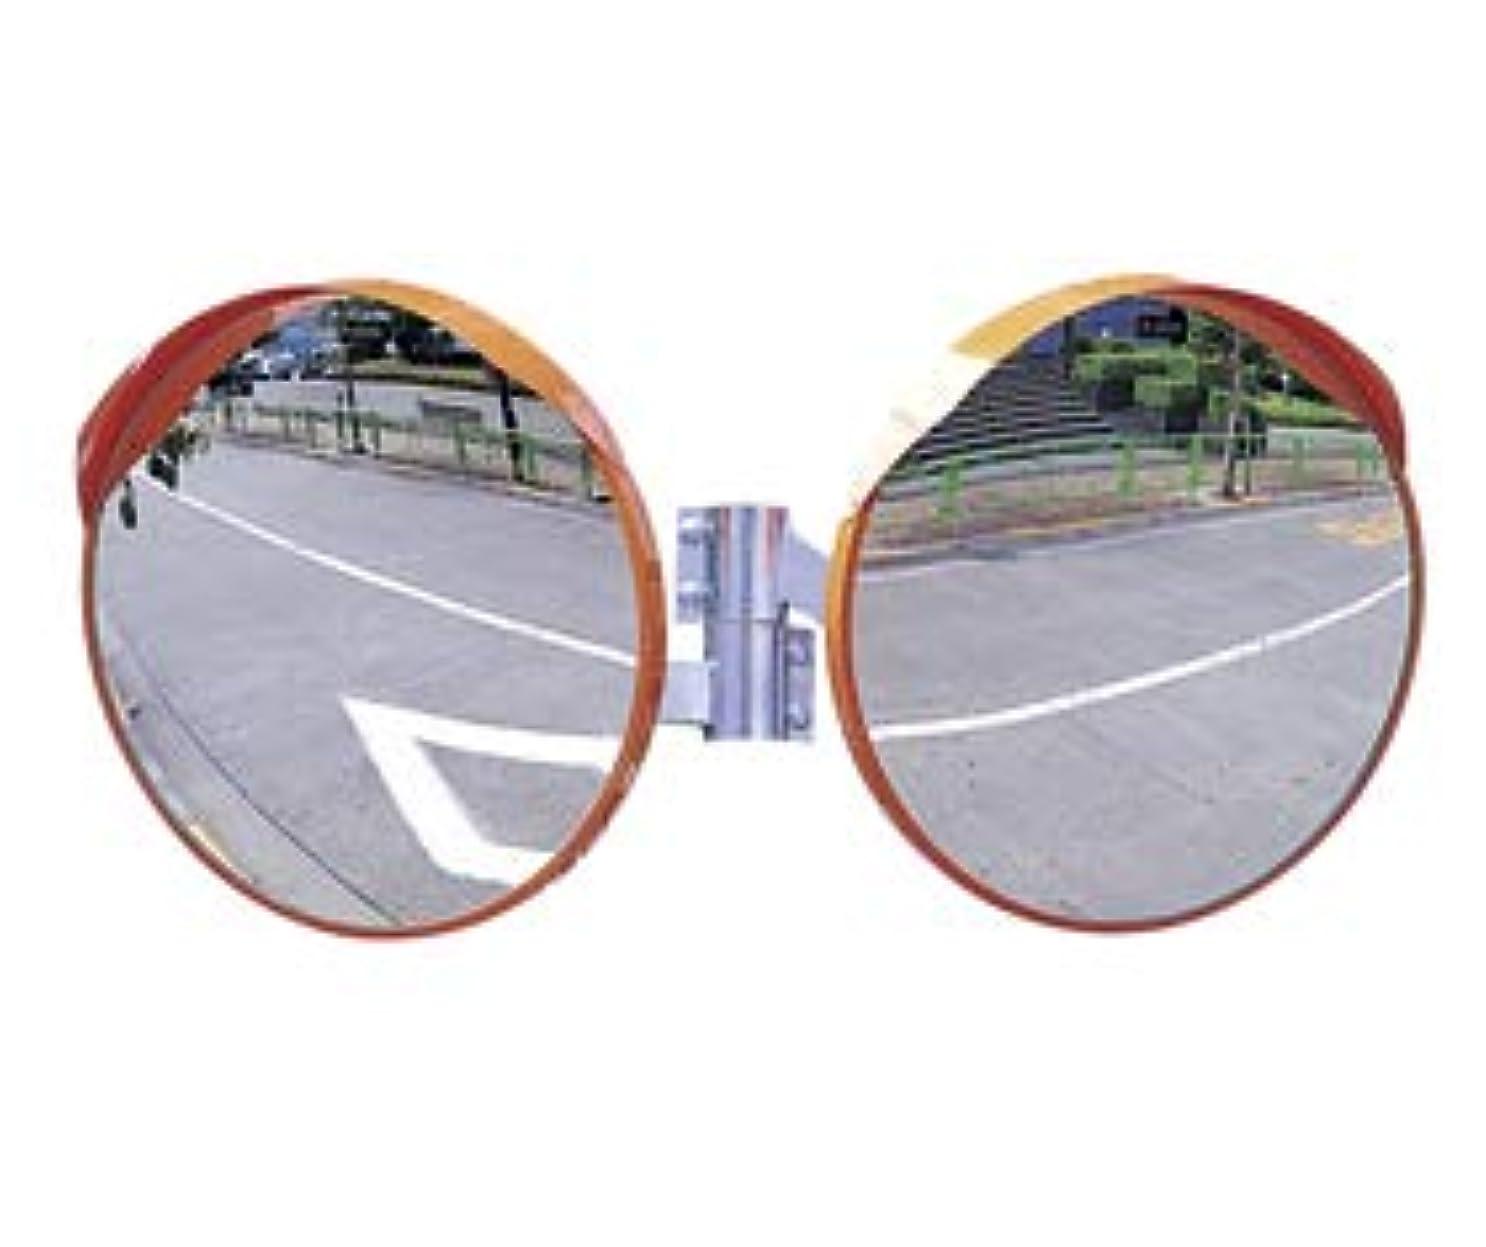 口述する領収書効果ユニット A2タイプ丸型反射鏡(ニ面鏡) カーブミラー ステンレス 600mmΦ?W ミラーのみ 869-23